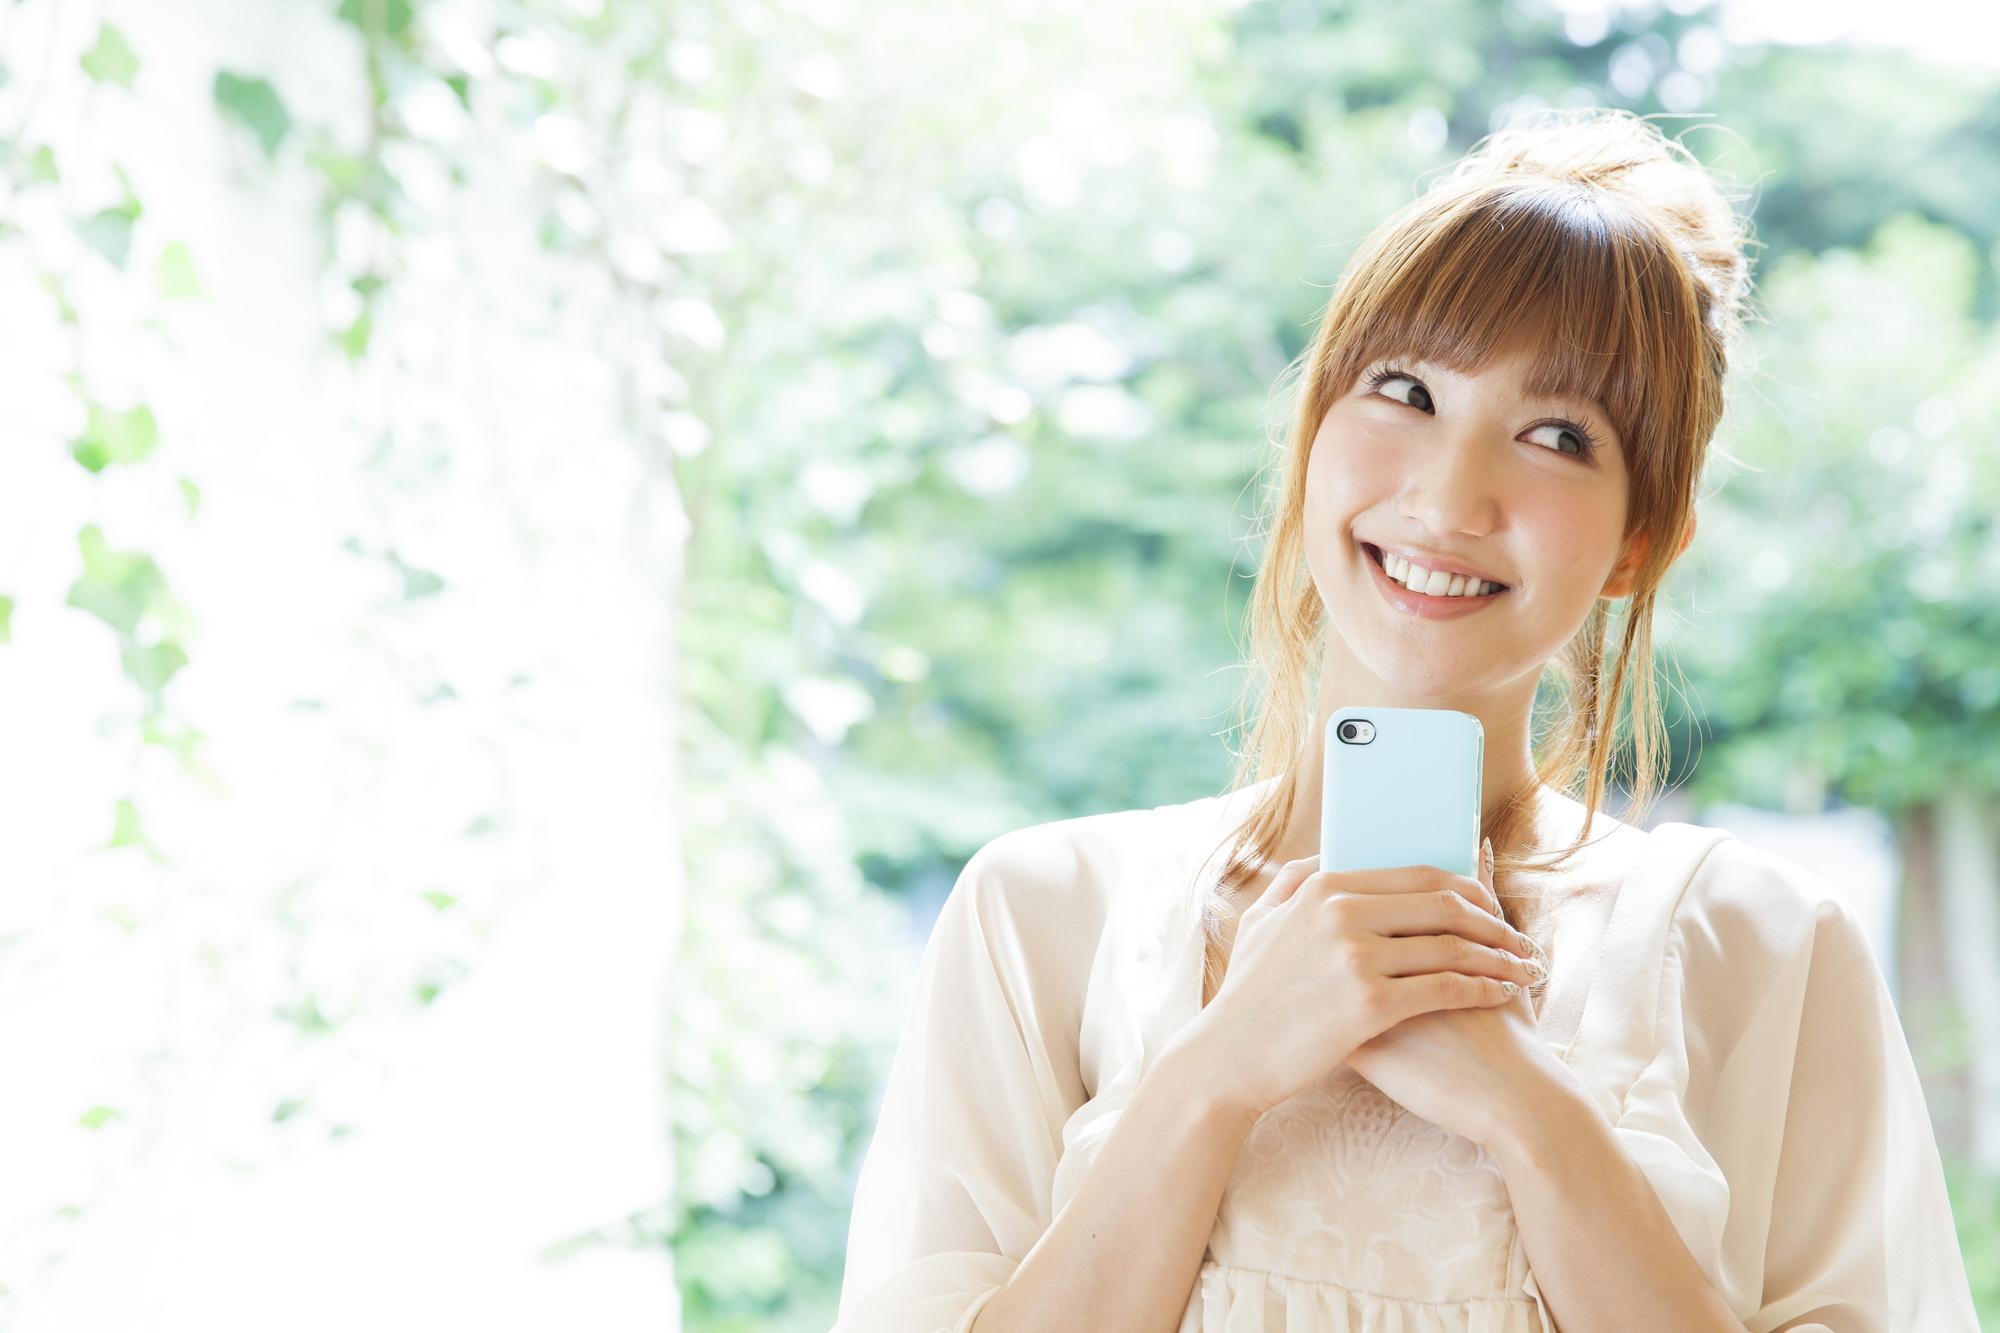 【おすすめポイント掲載中】世田谷区にある矯正歯科対応の歯医者さん